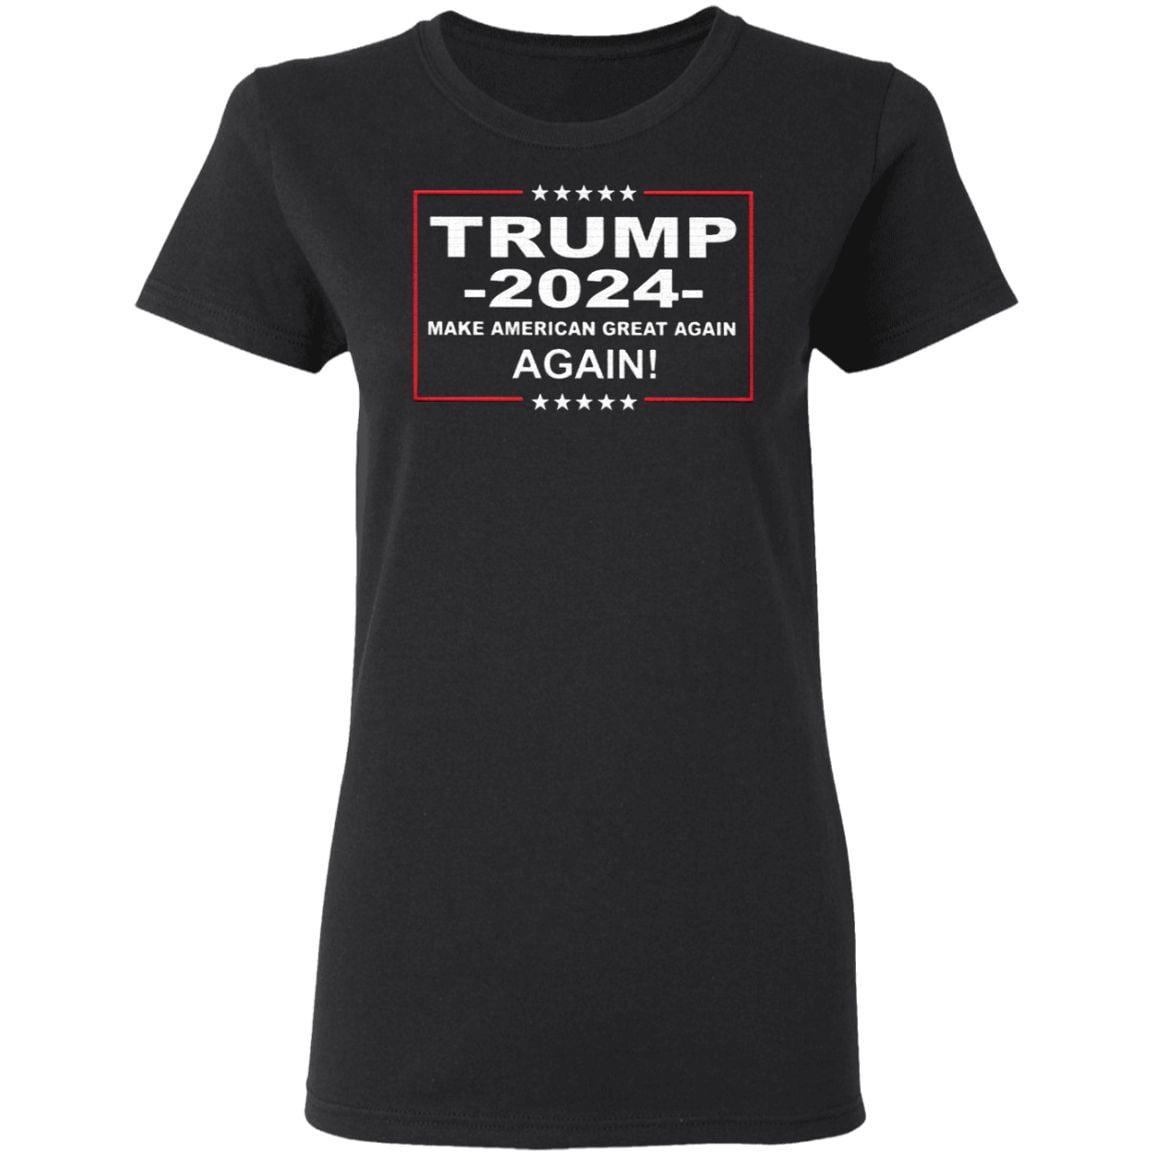 Donald Trump 2024 Make American Great Again Again T Shirt